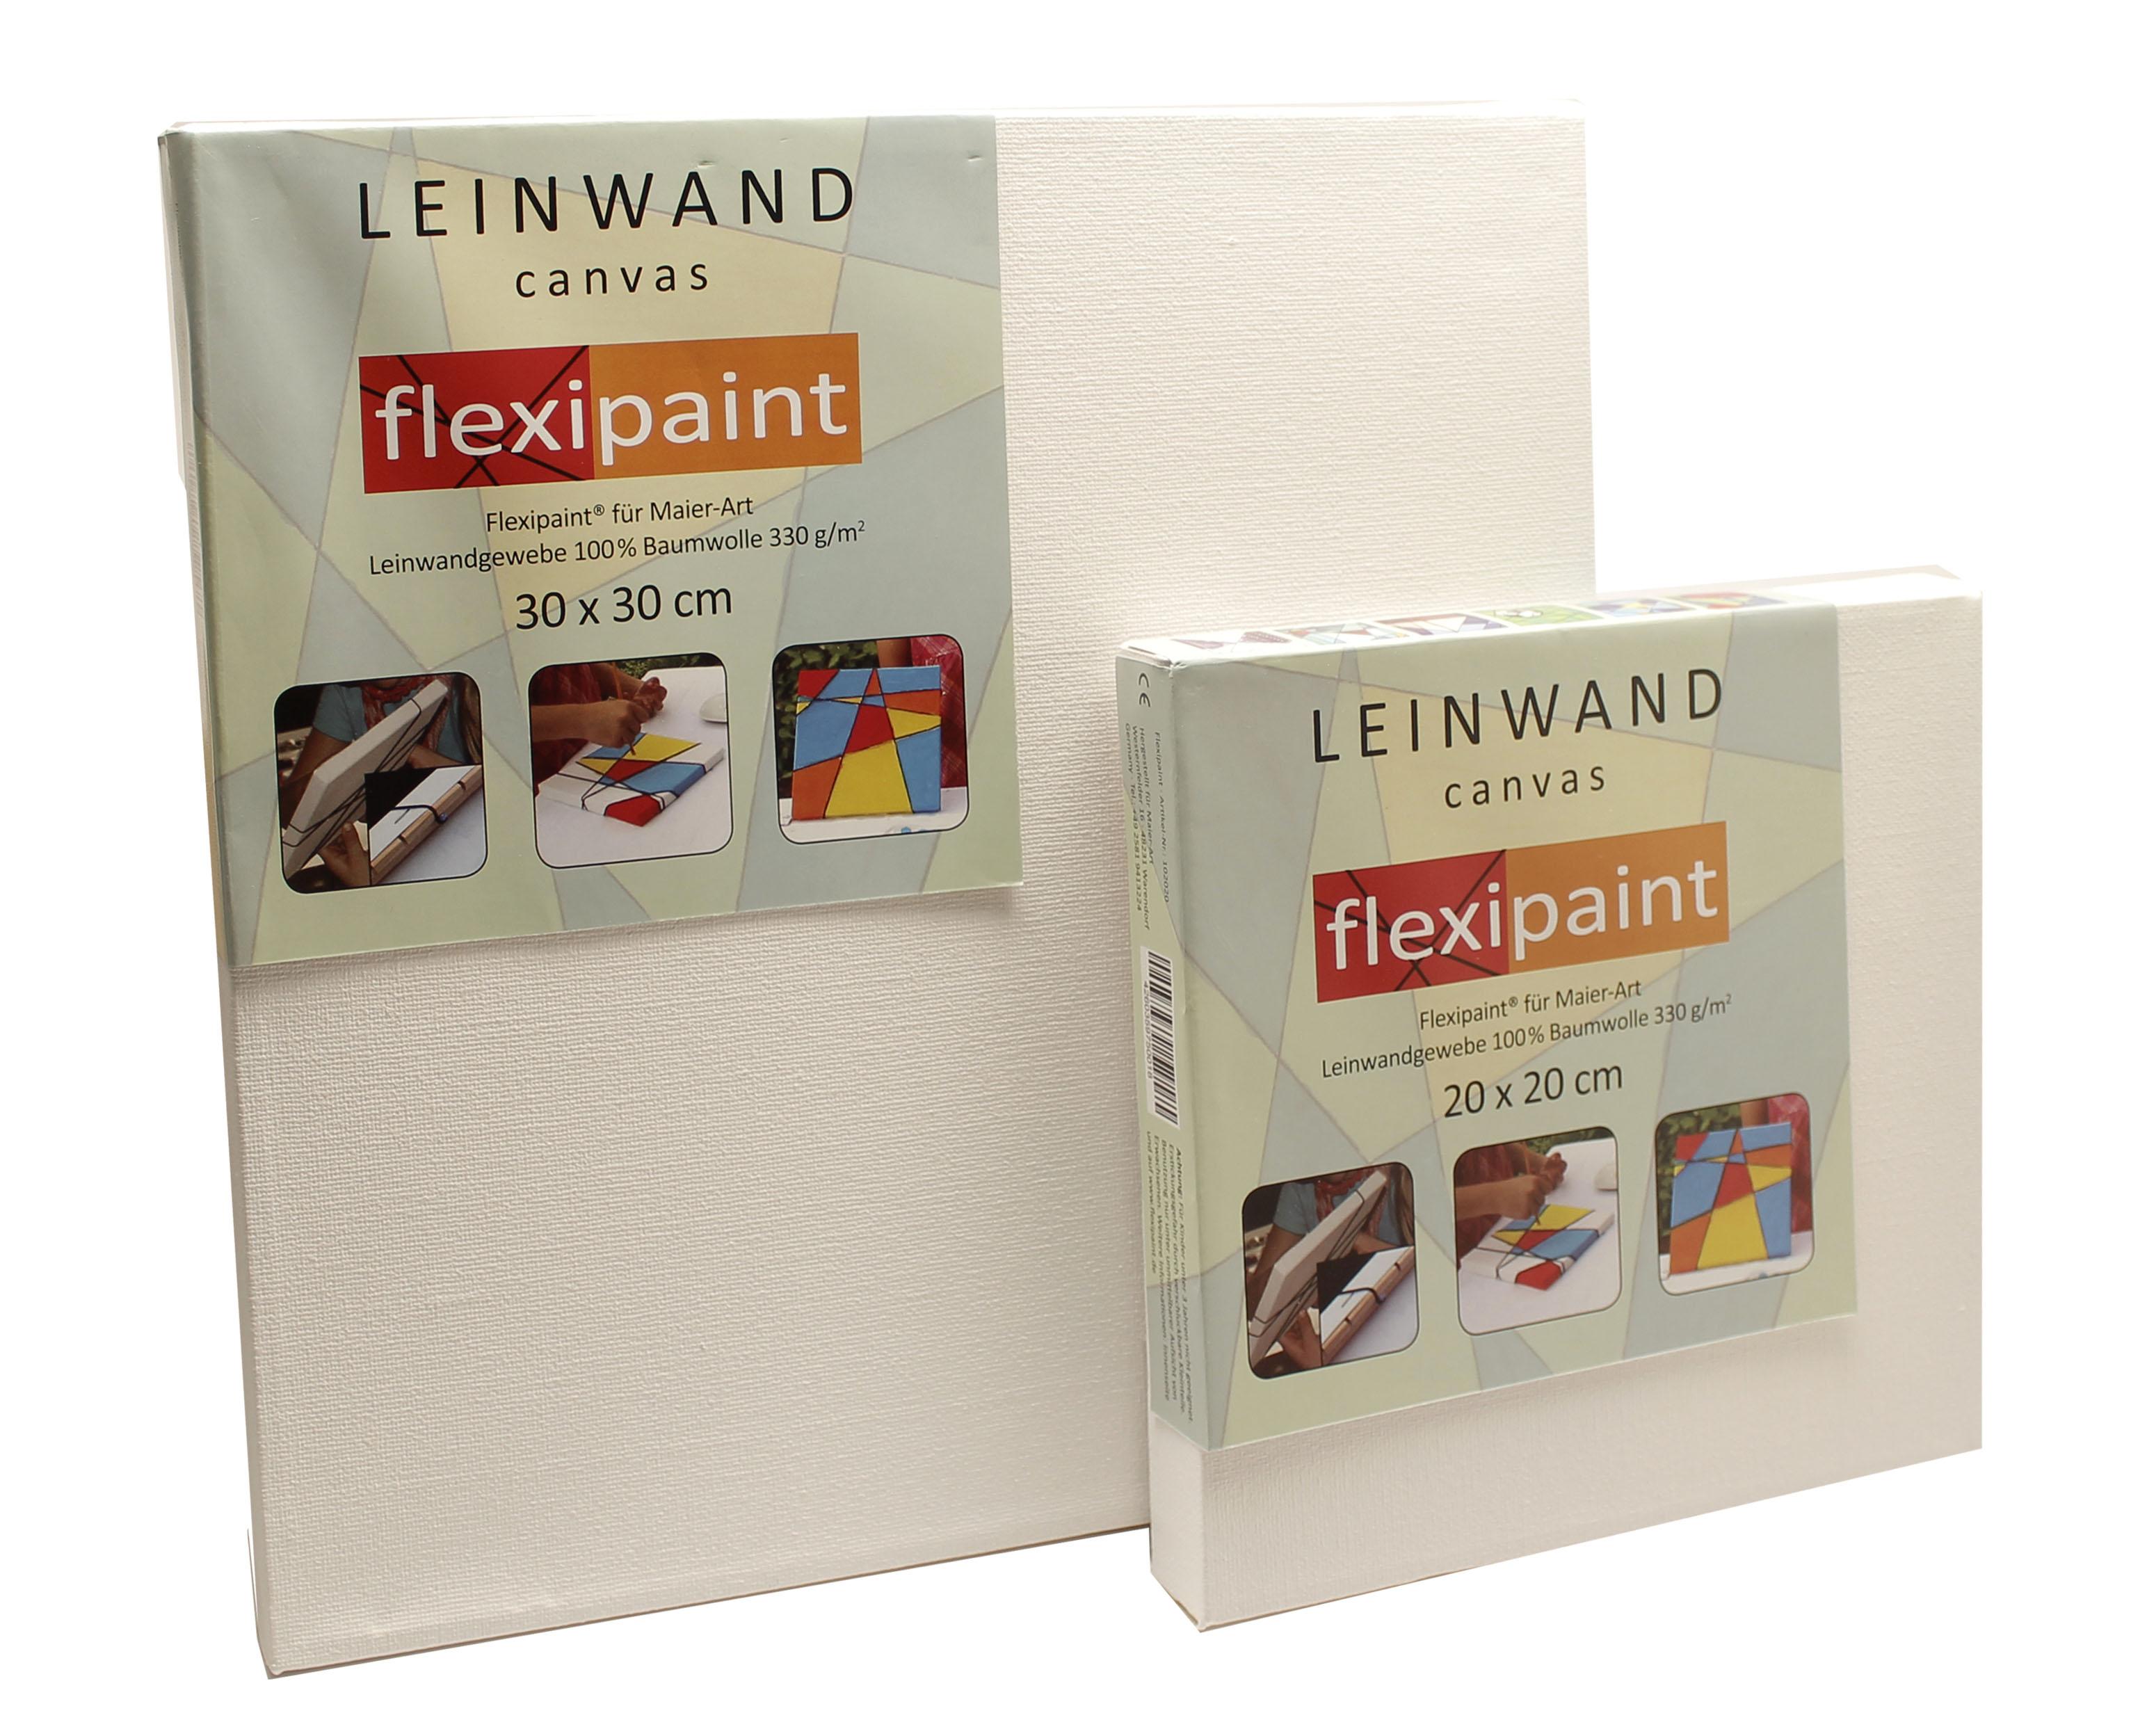 Flexipaint Rahmen mit Flexischnur, 20 x 20 cm | Kreativ-Depot